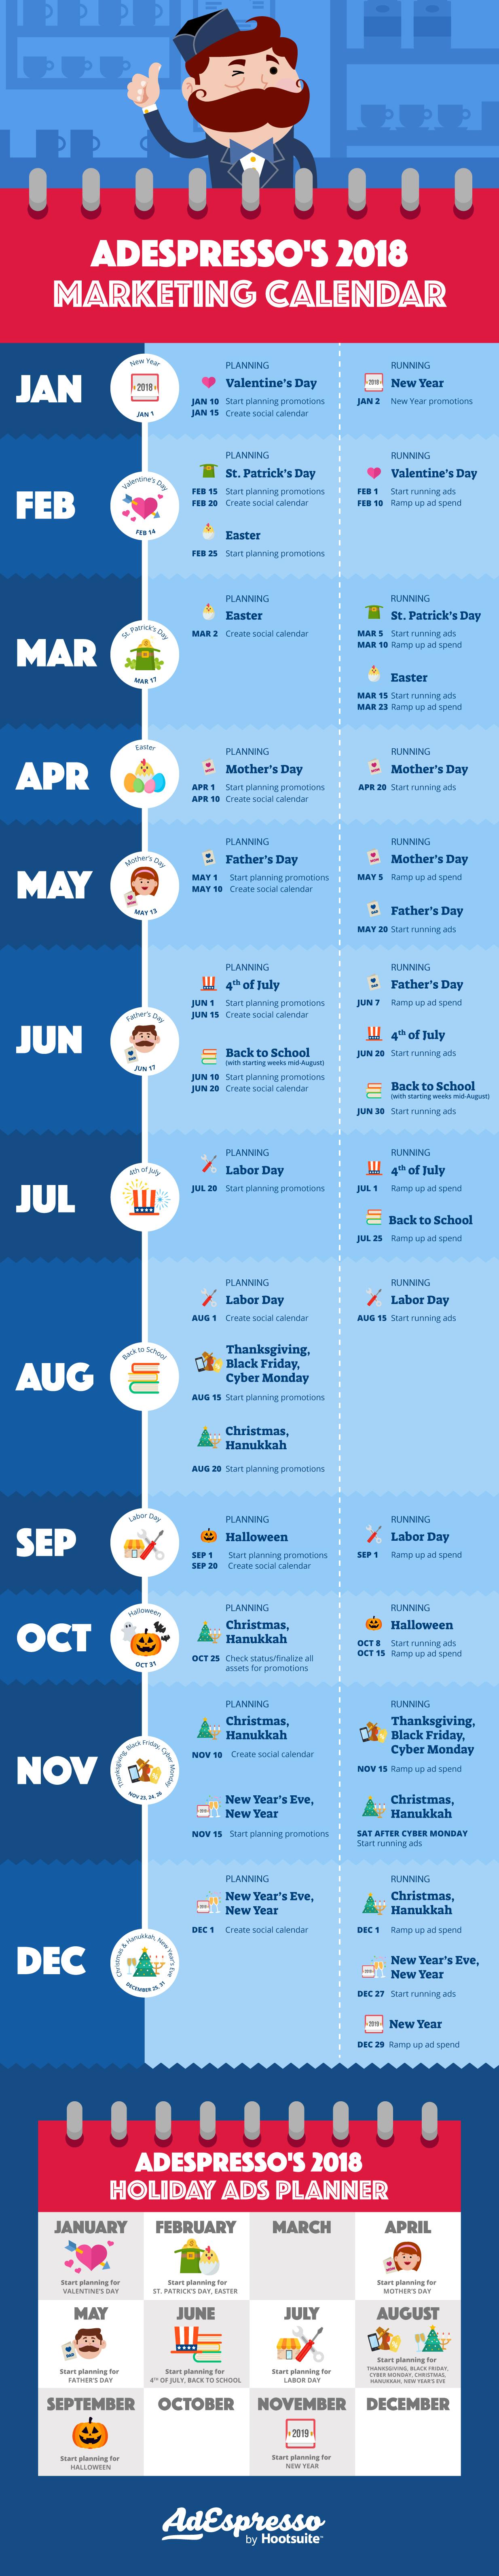 AdEspresso's 2018 Marketing Calendar